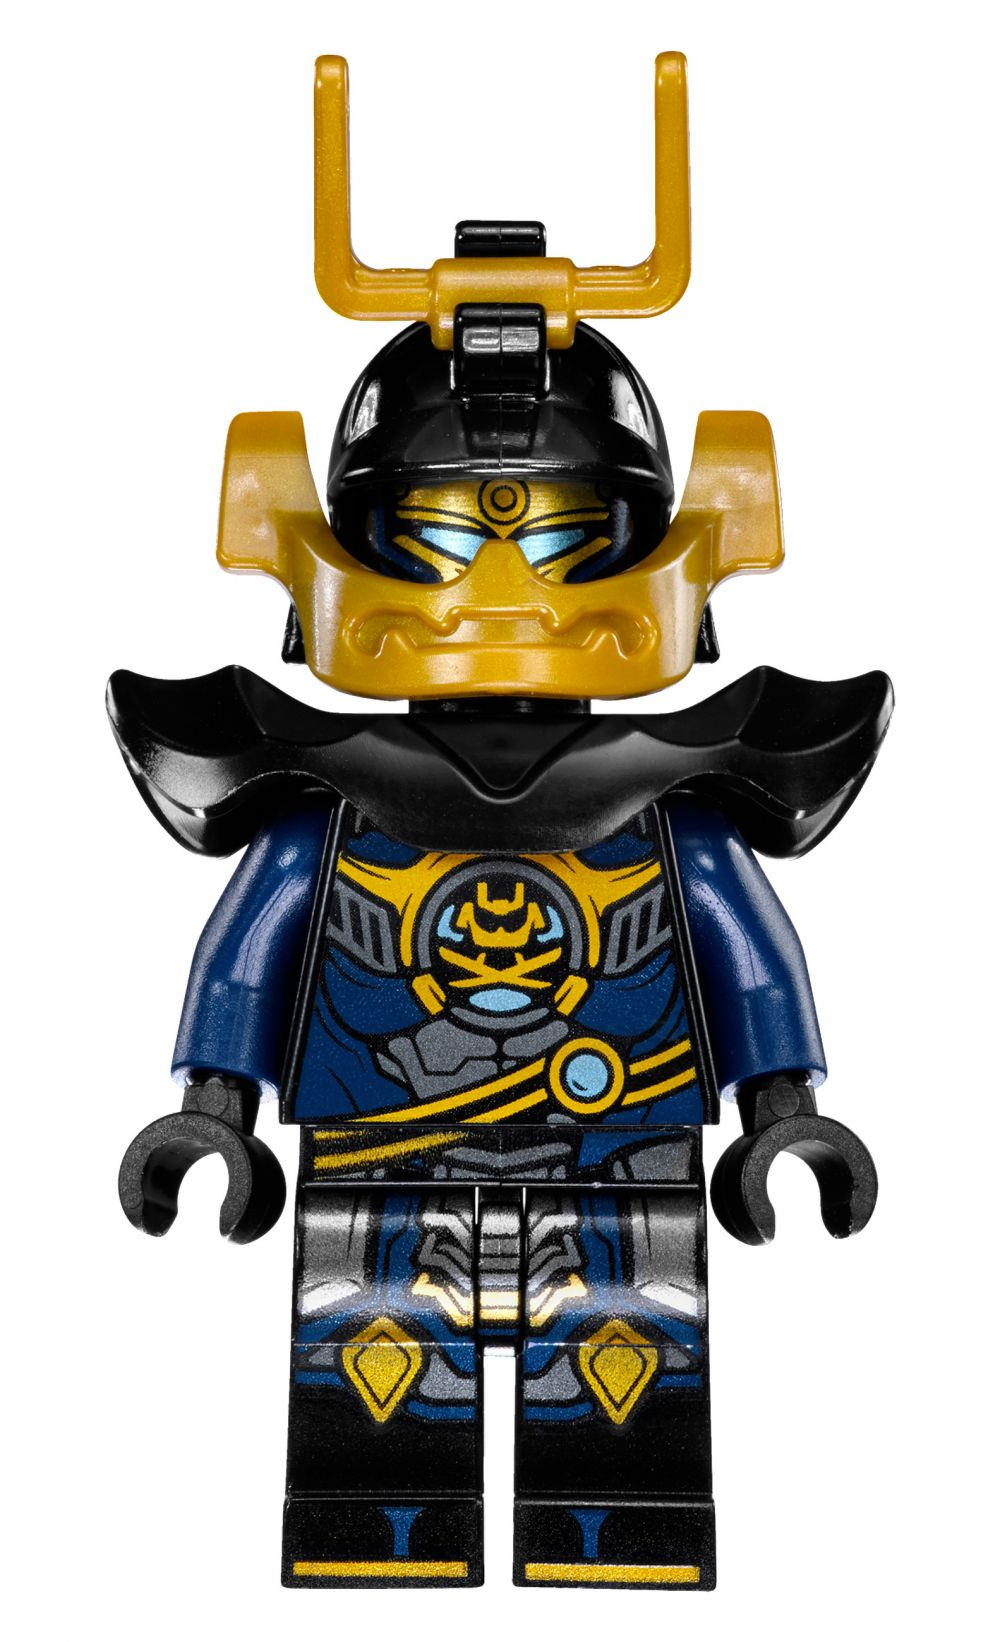 Lego ninjago 70625 pas cher le samoura vxl - Lego ninjago d or ...